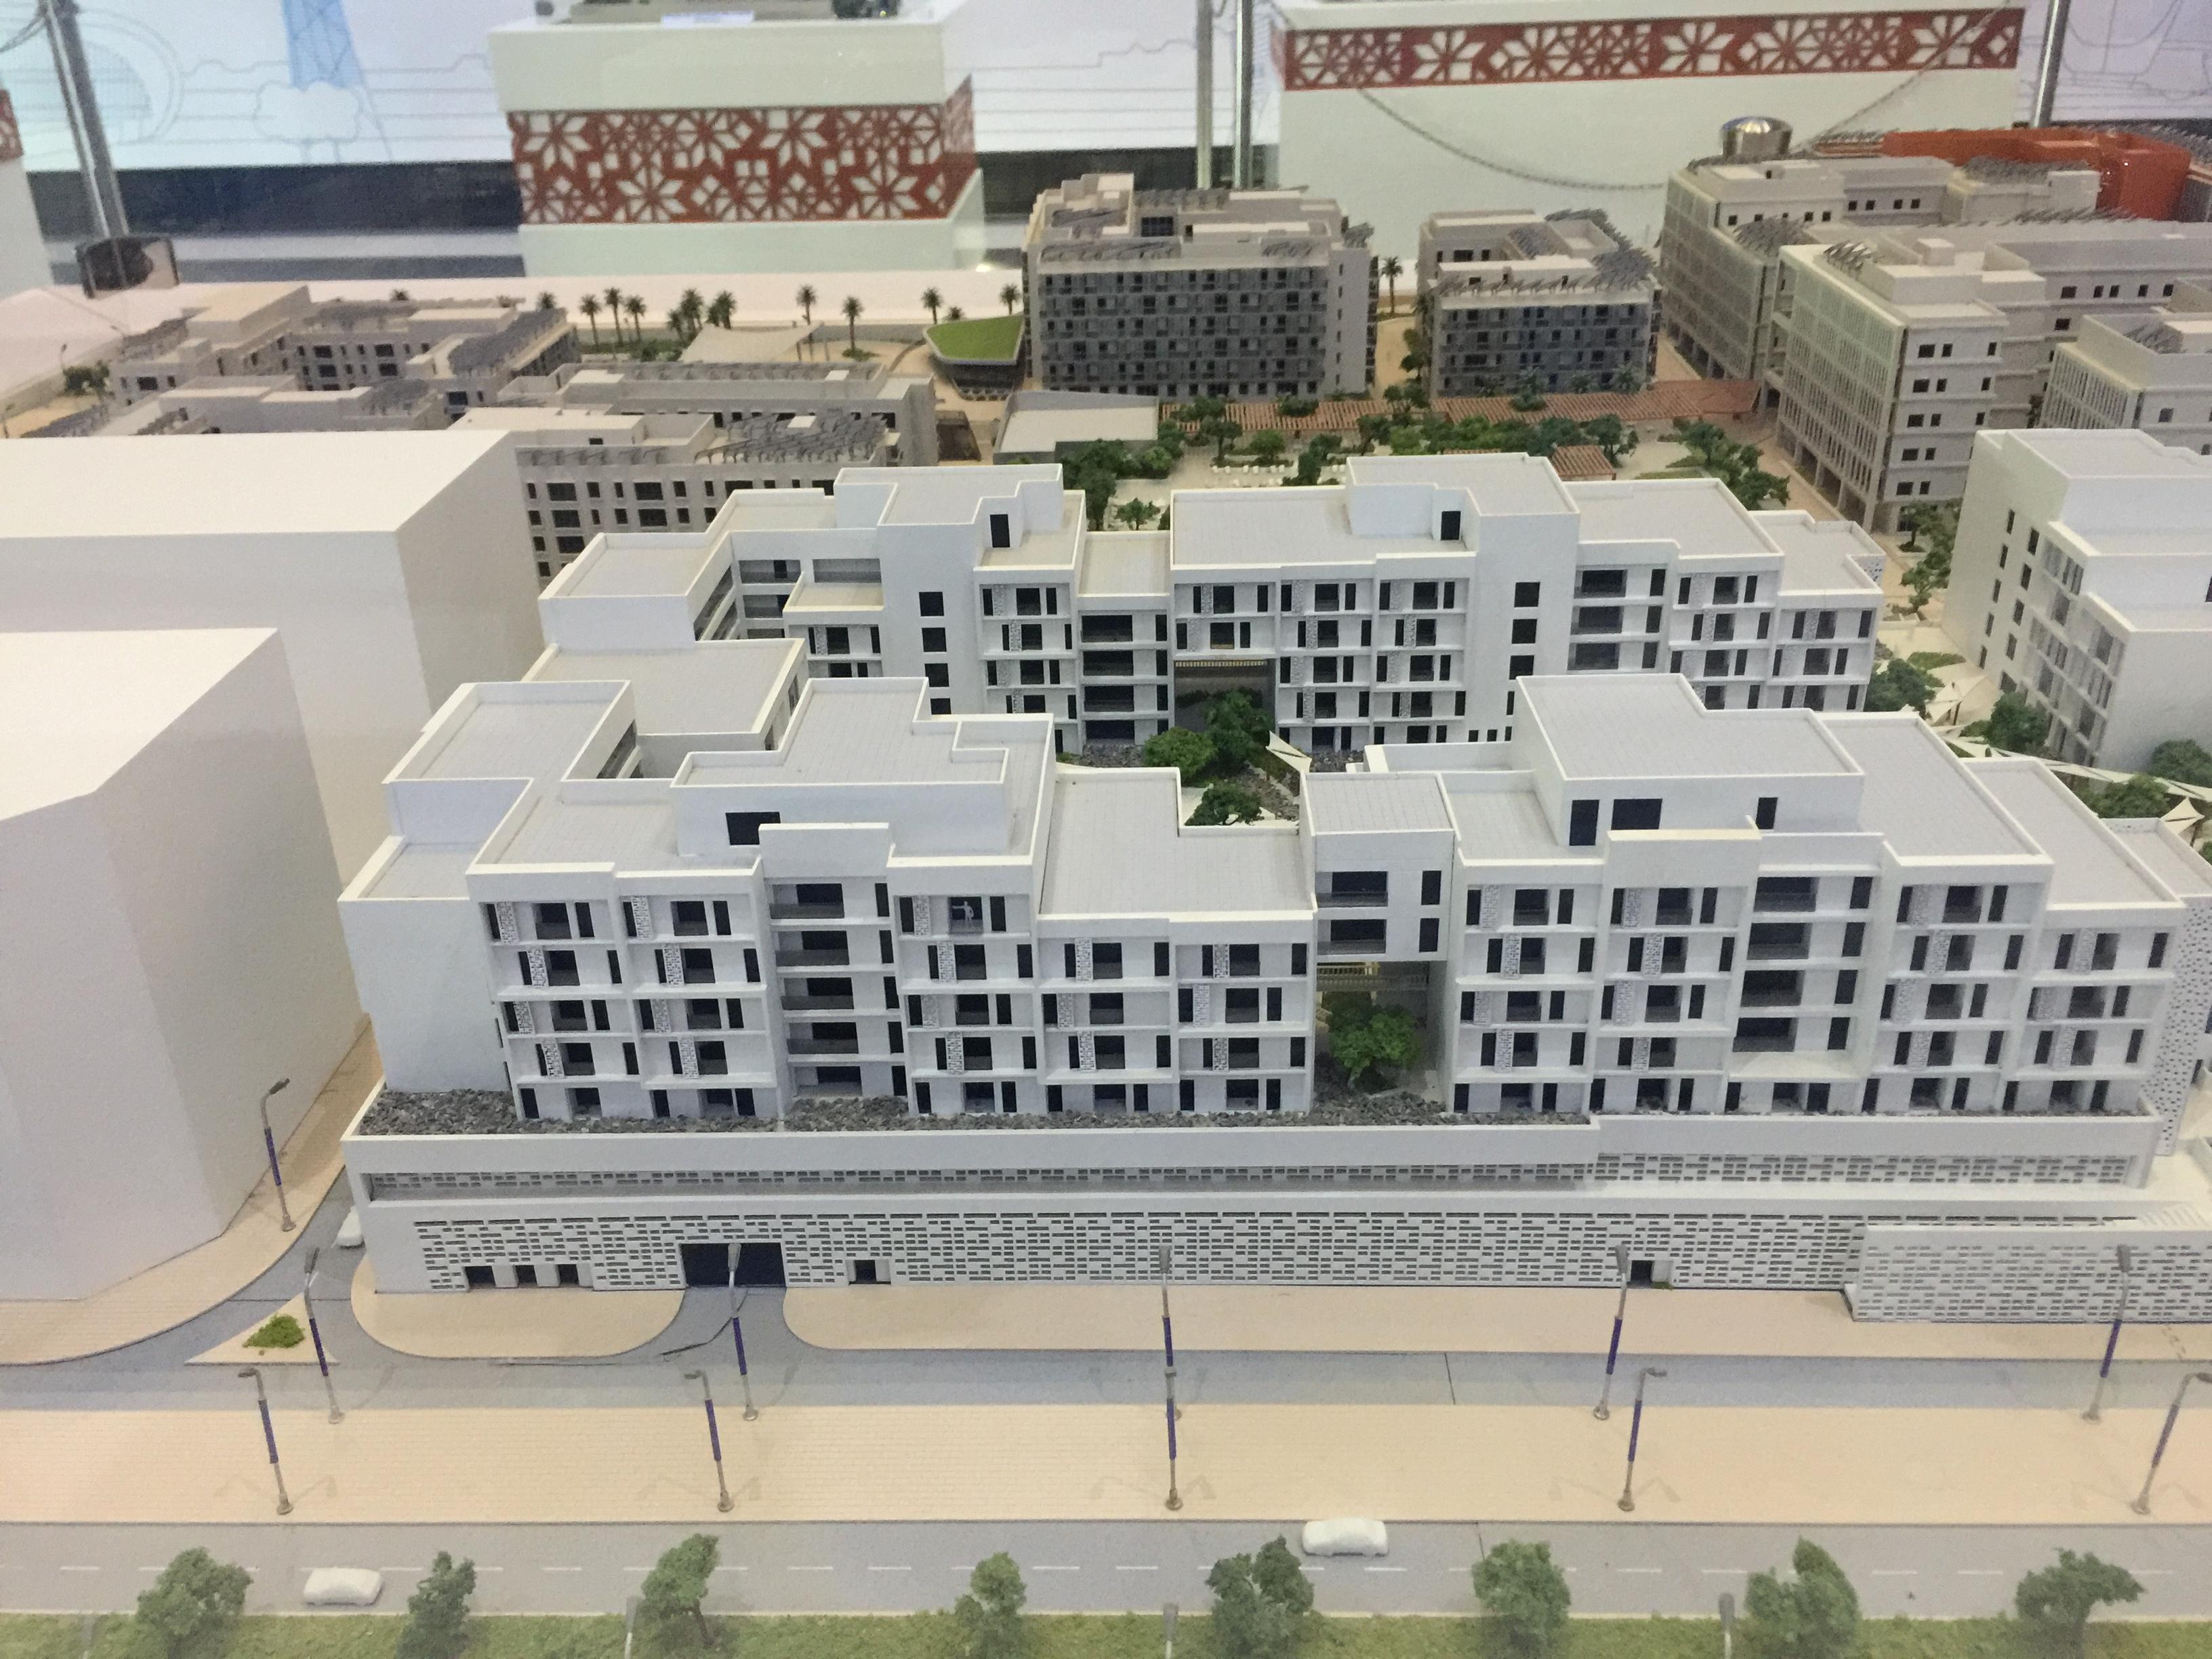 ماكيت لمباني يتم إنشائها حاليا ذاتية الطاقة  (2)